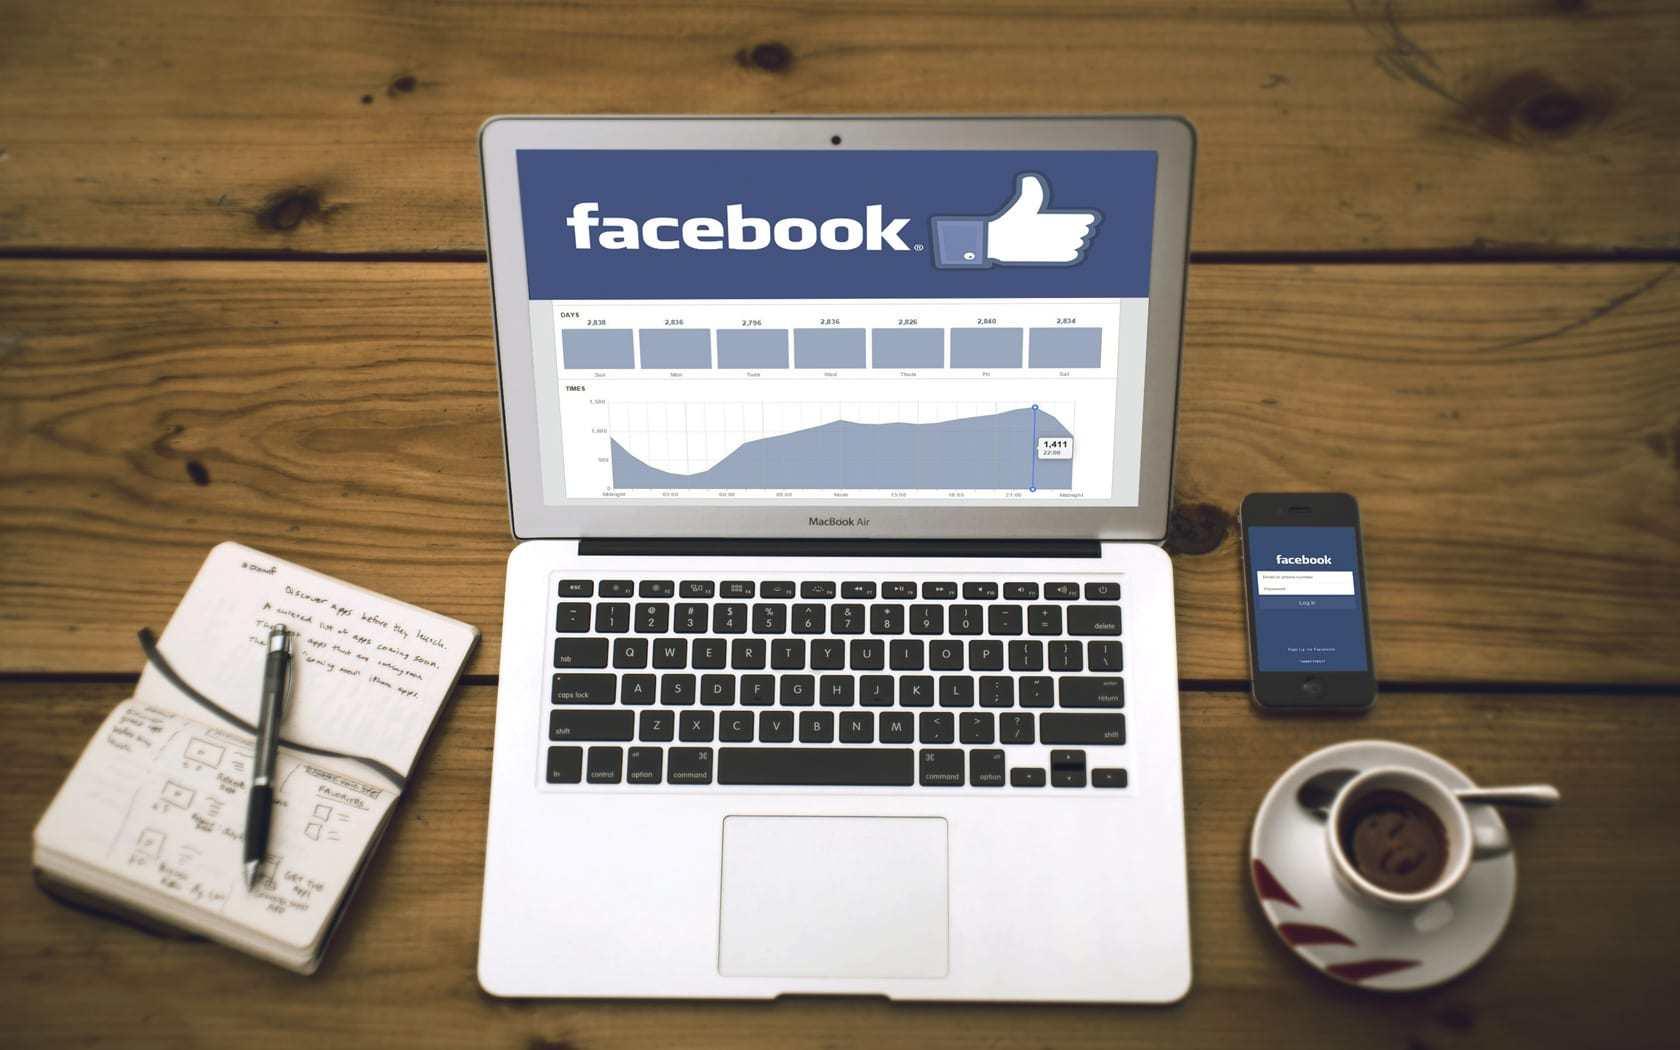 Khóa học đào tạo quảng cáo facebook cầm tay chỉ việc